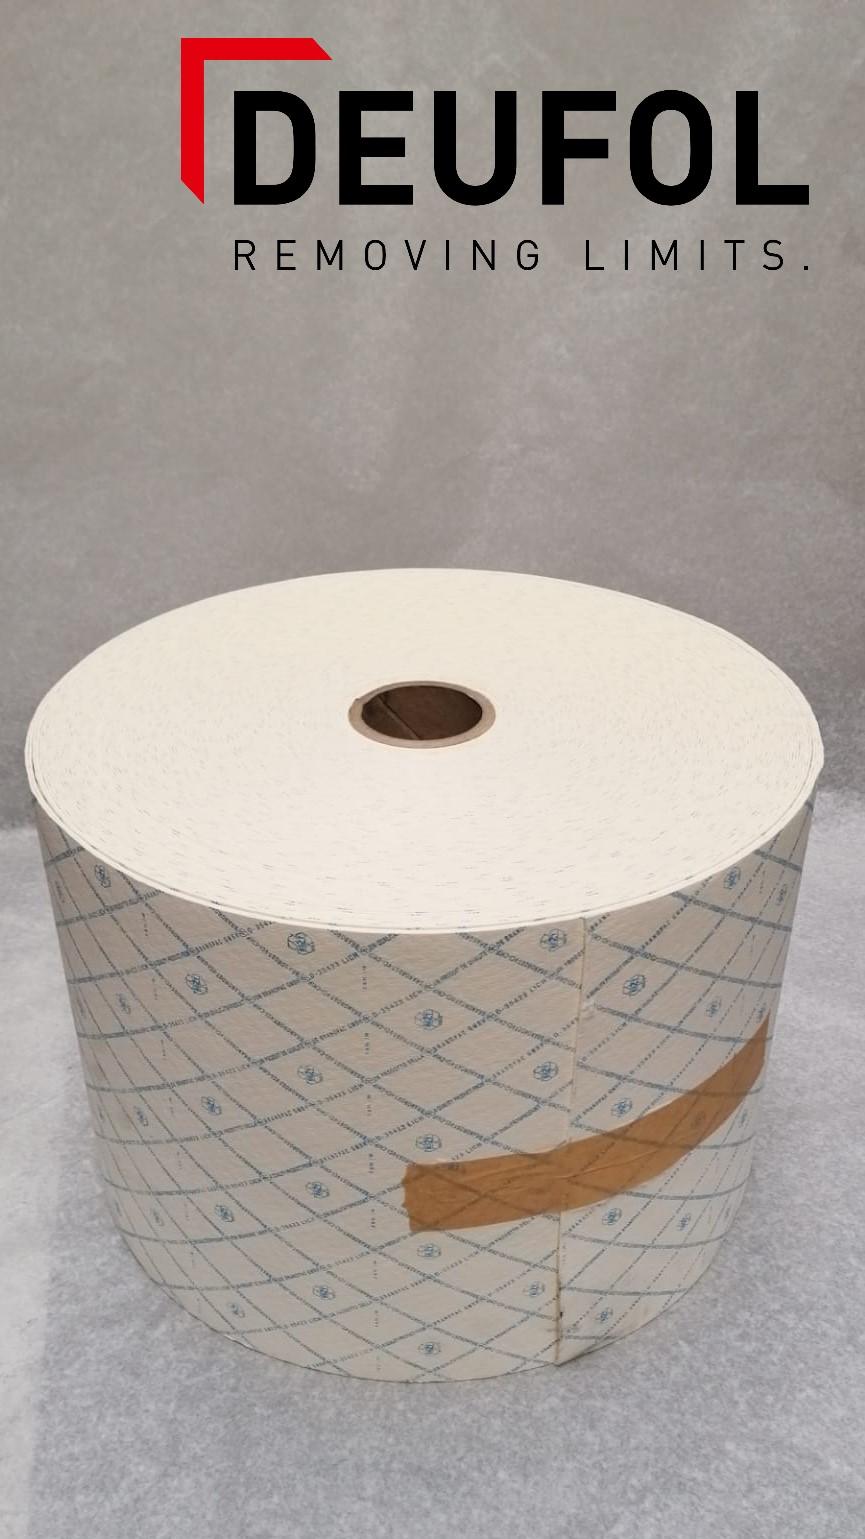 VCI Boost materiaal - Vel van 32 cm * 2 mm. Op rol.